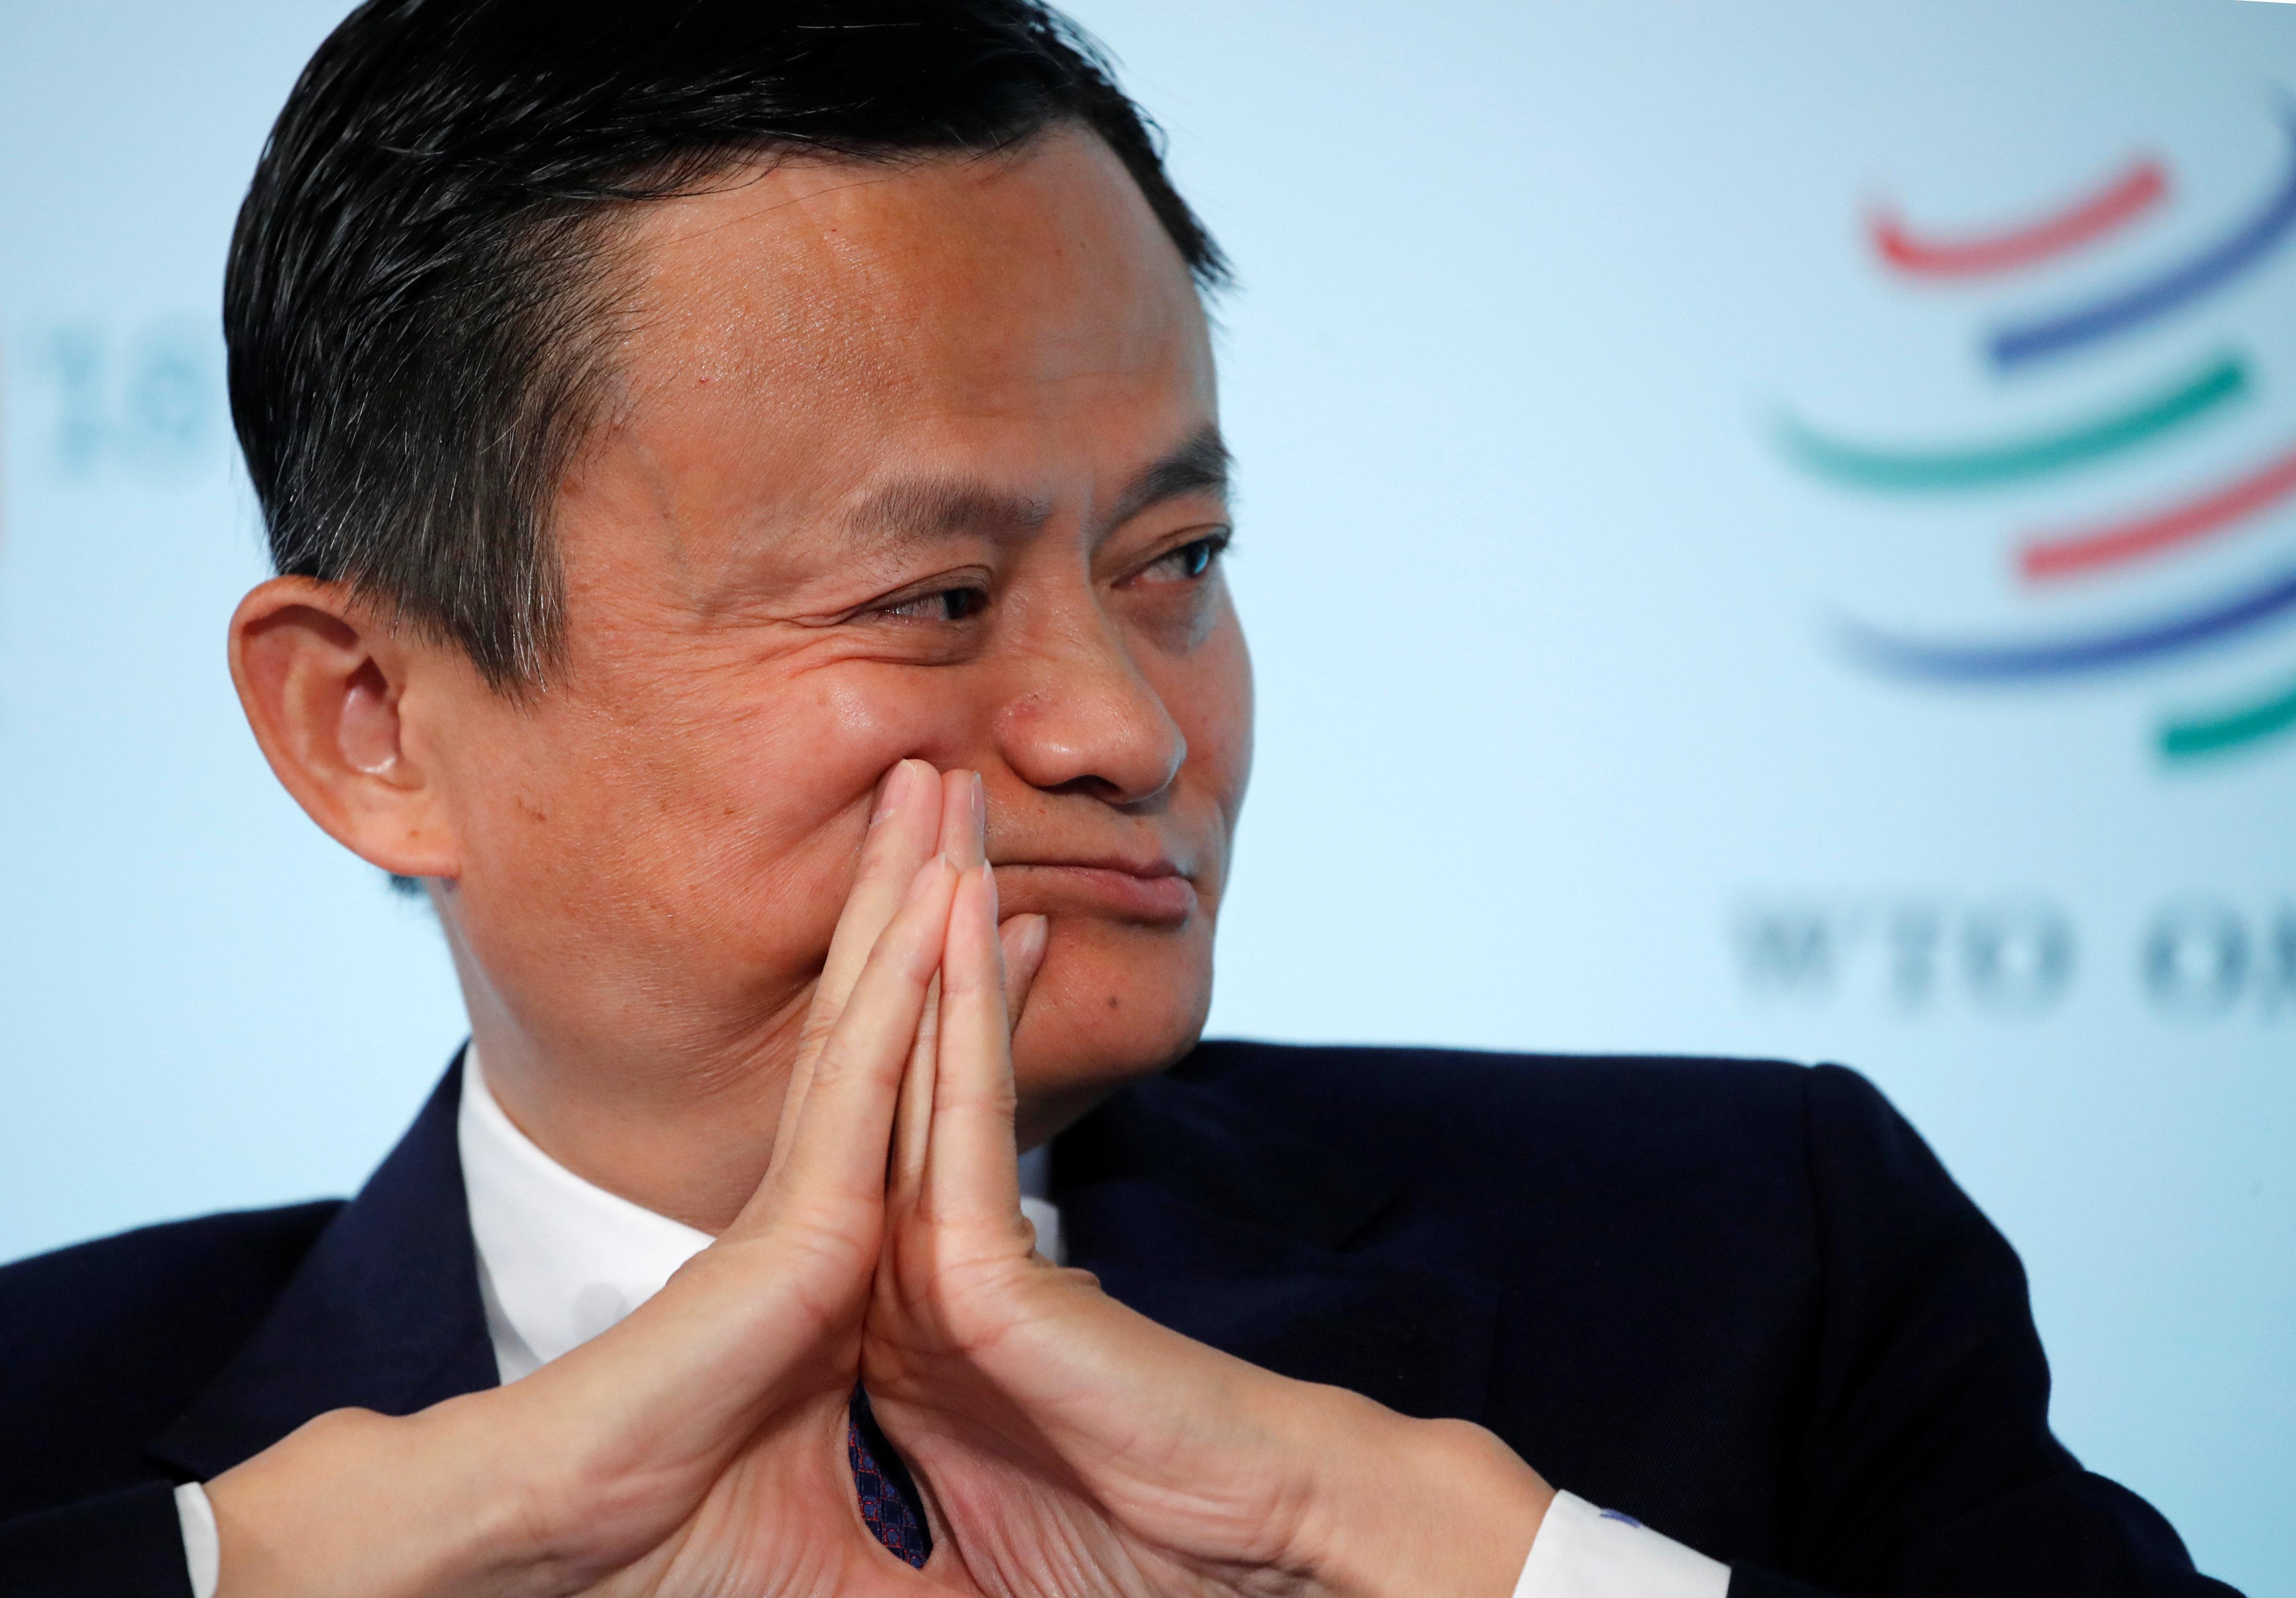 Οι εκατομμυριούχοι ιδιοκτήτες της Alibaba και της JD.com θέλουν όλοι να δουλεύουν 12 ώρες τη